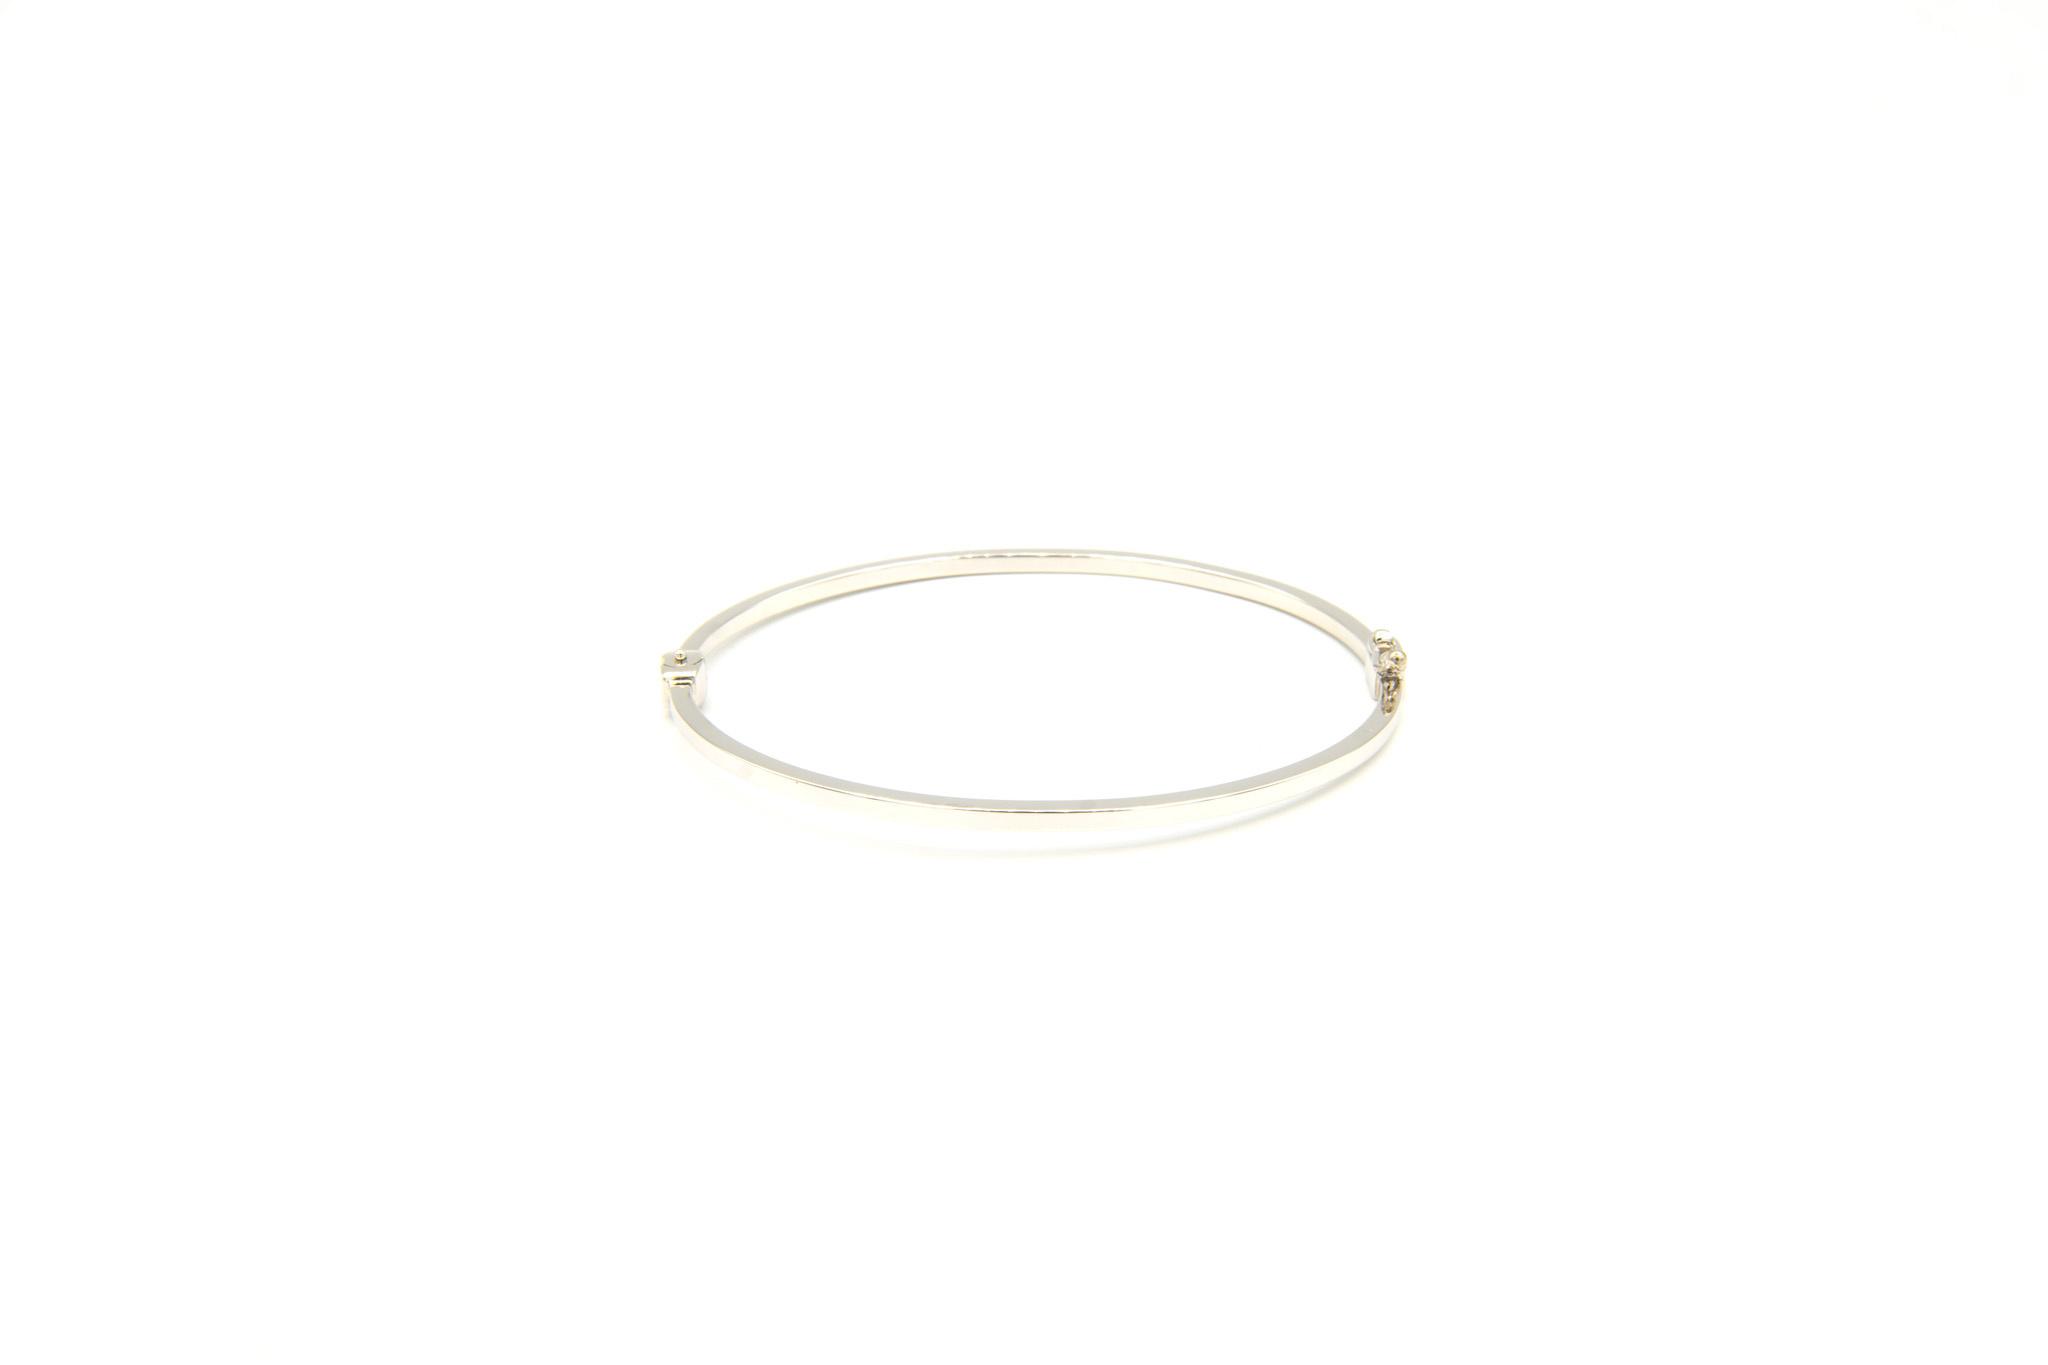 Armband slavenband glad witgoud-1